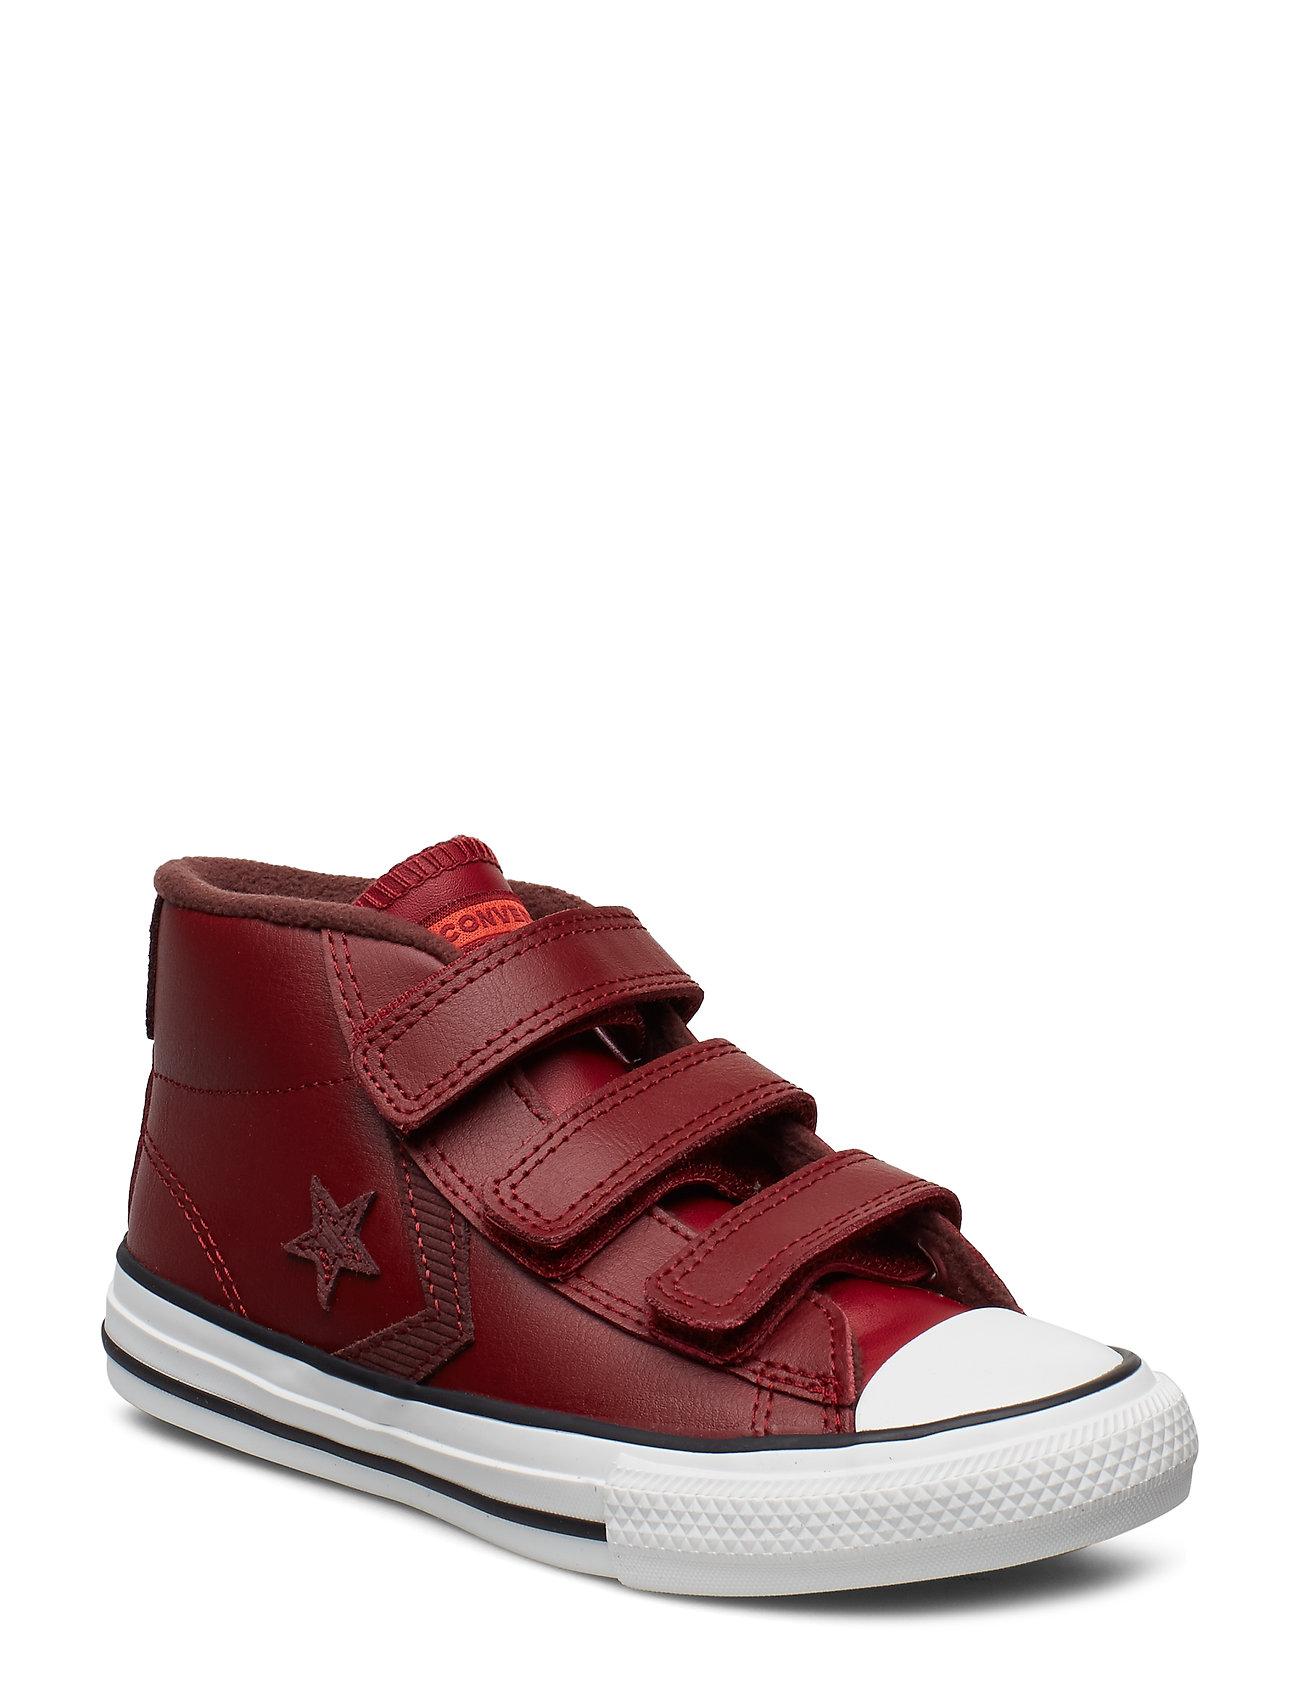 Converse STAR PLAYER 3V MID - BACK ALLEY BRICK/EL DORADO/HABANERO RED